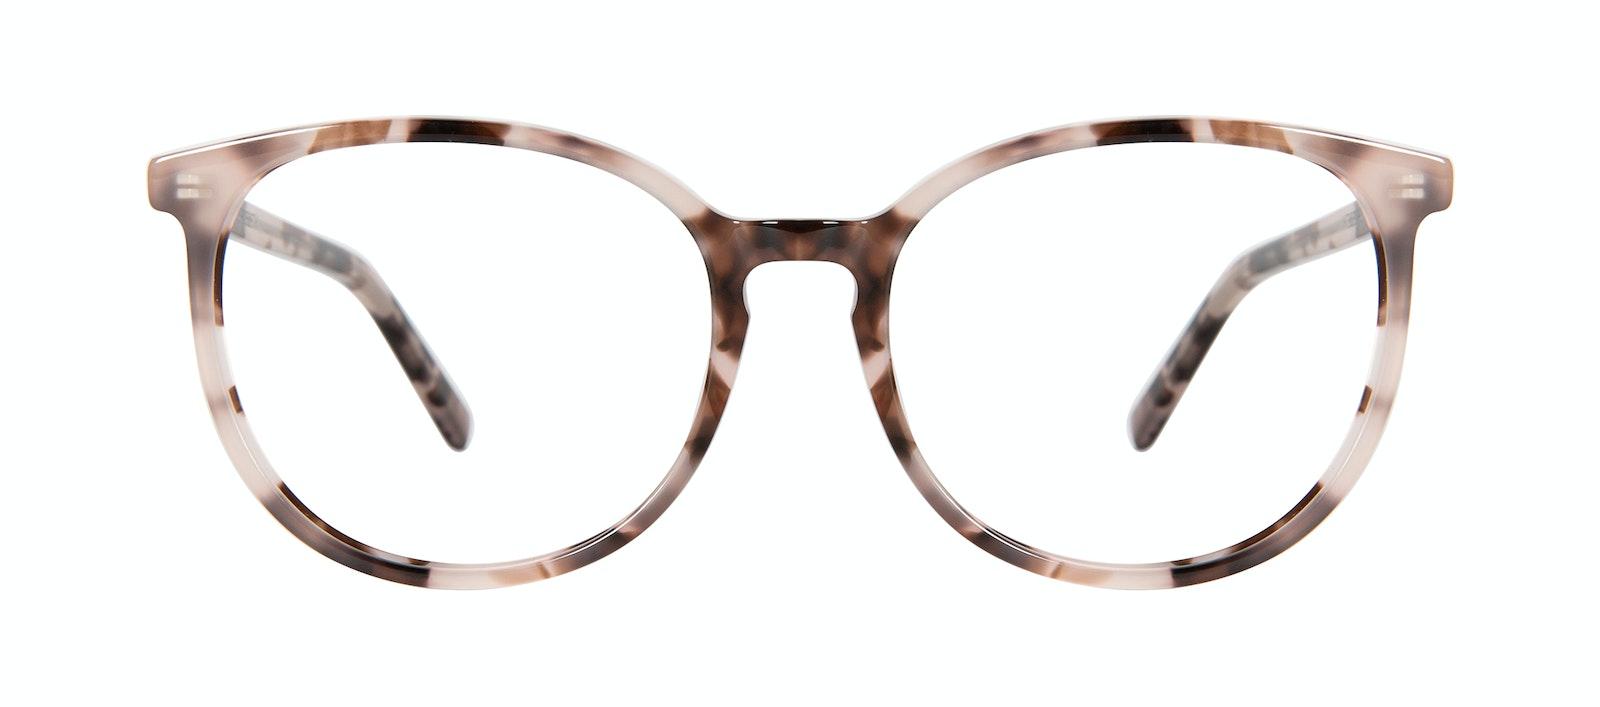 Affordable Fashion Glasses Round Eyeglasses Women Femme Libre L Erzebeth Front